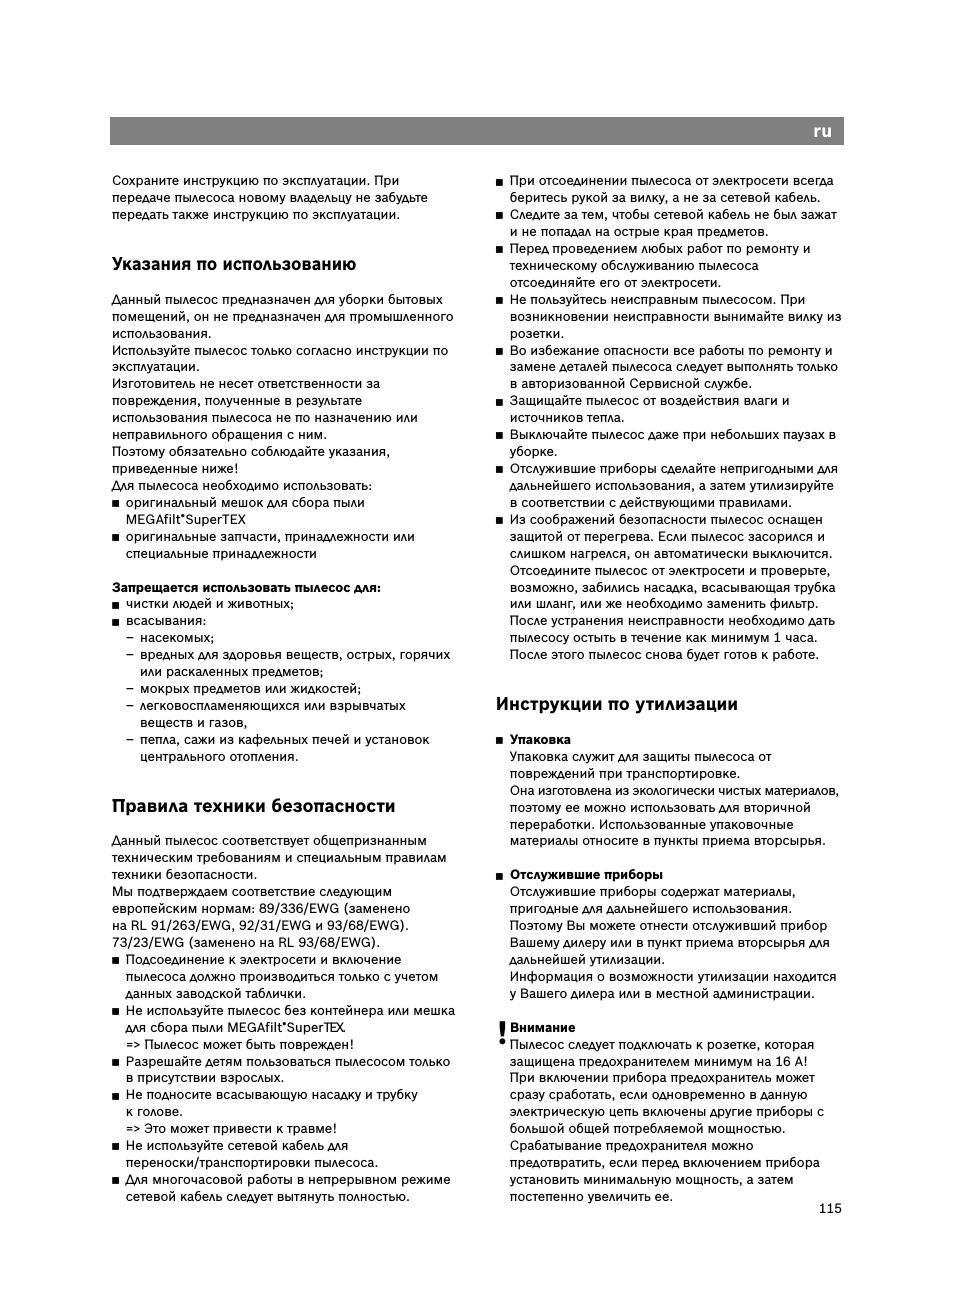 Указания по использованию, Правила техники безопасности, Инструкции по утилизации